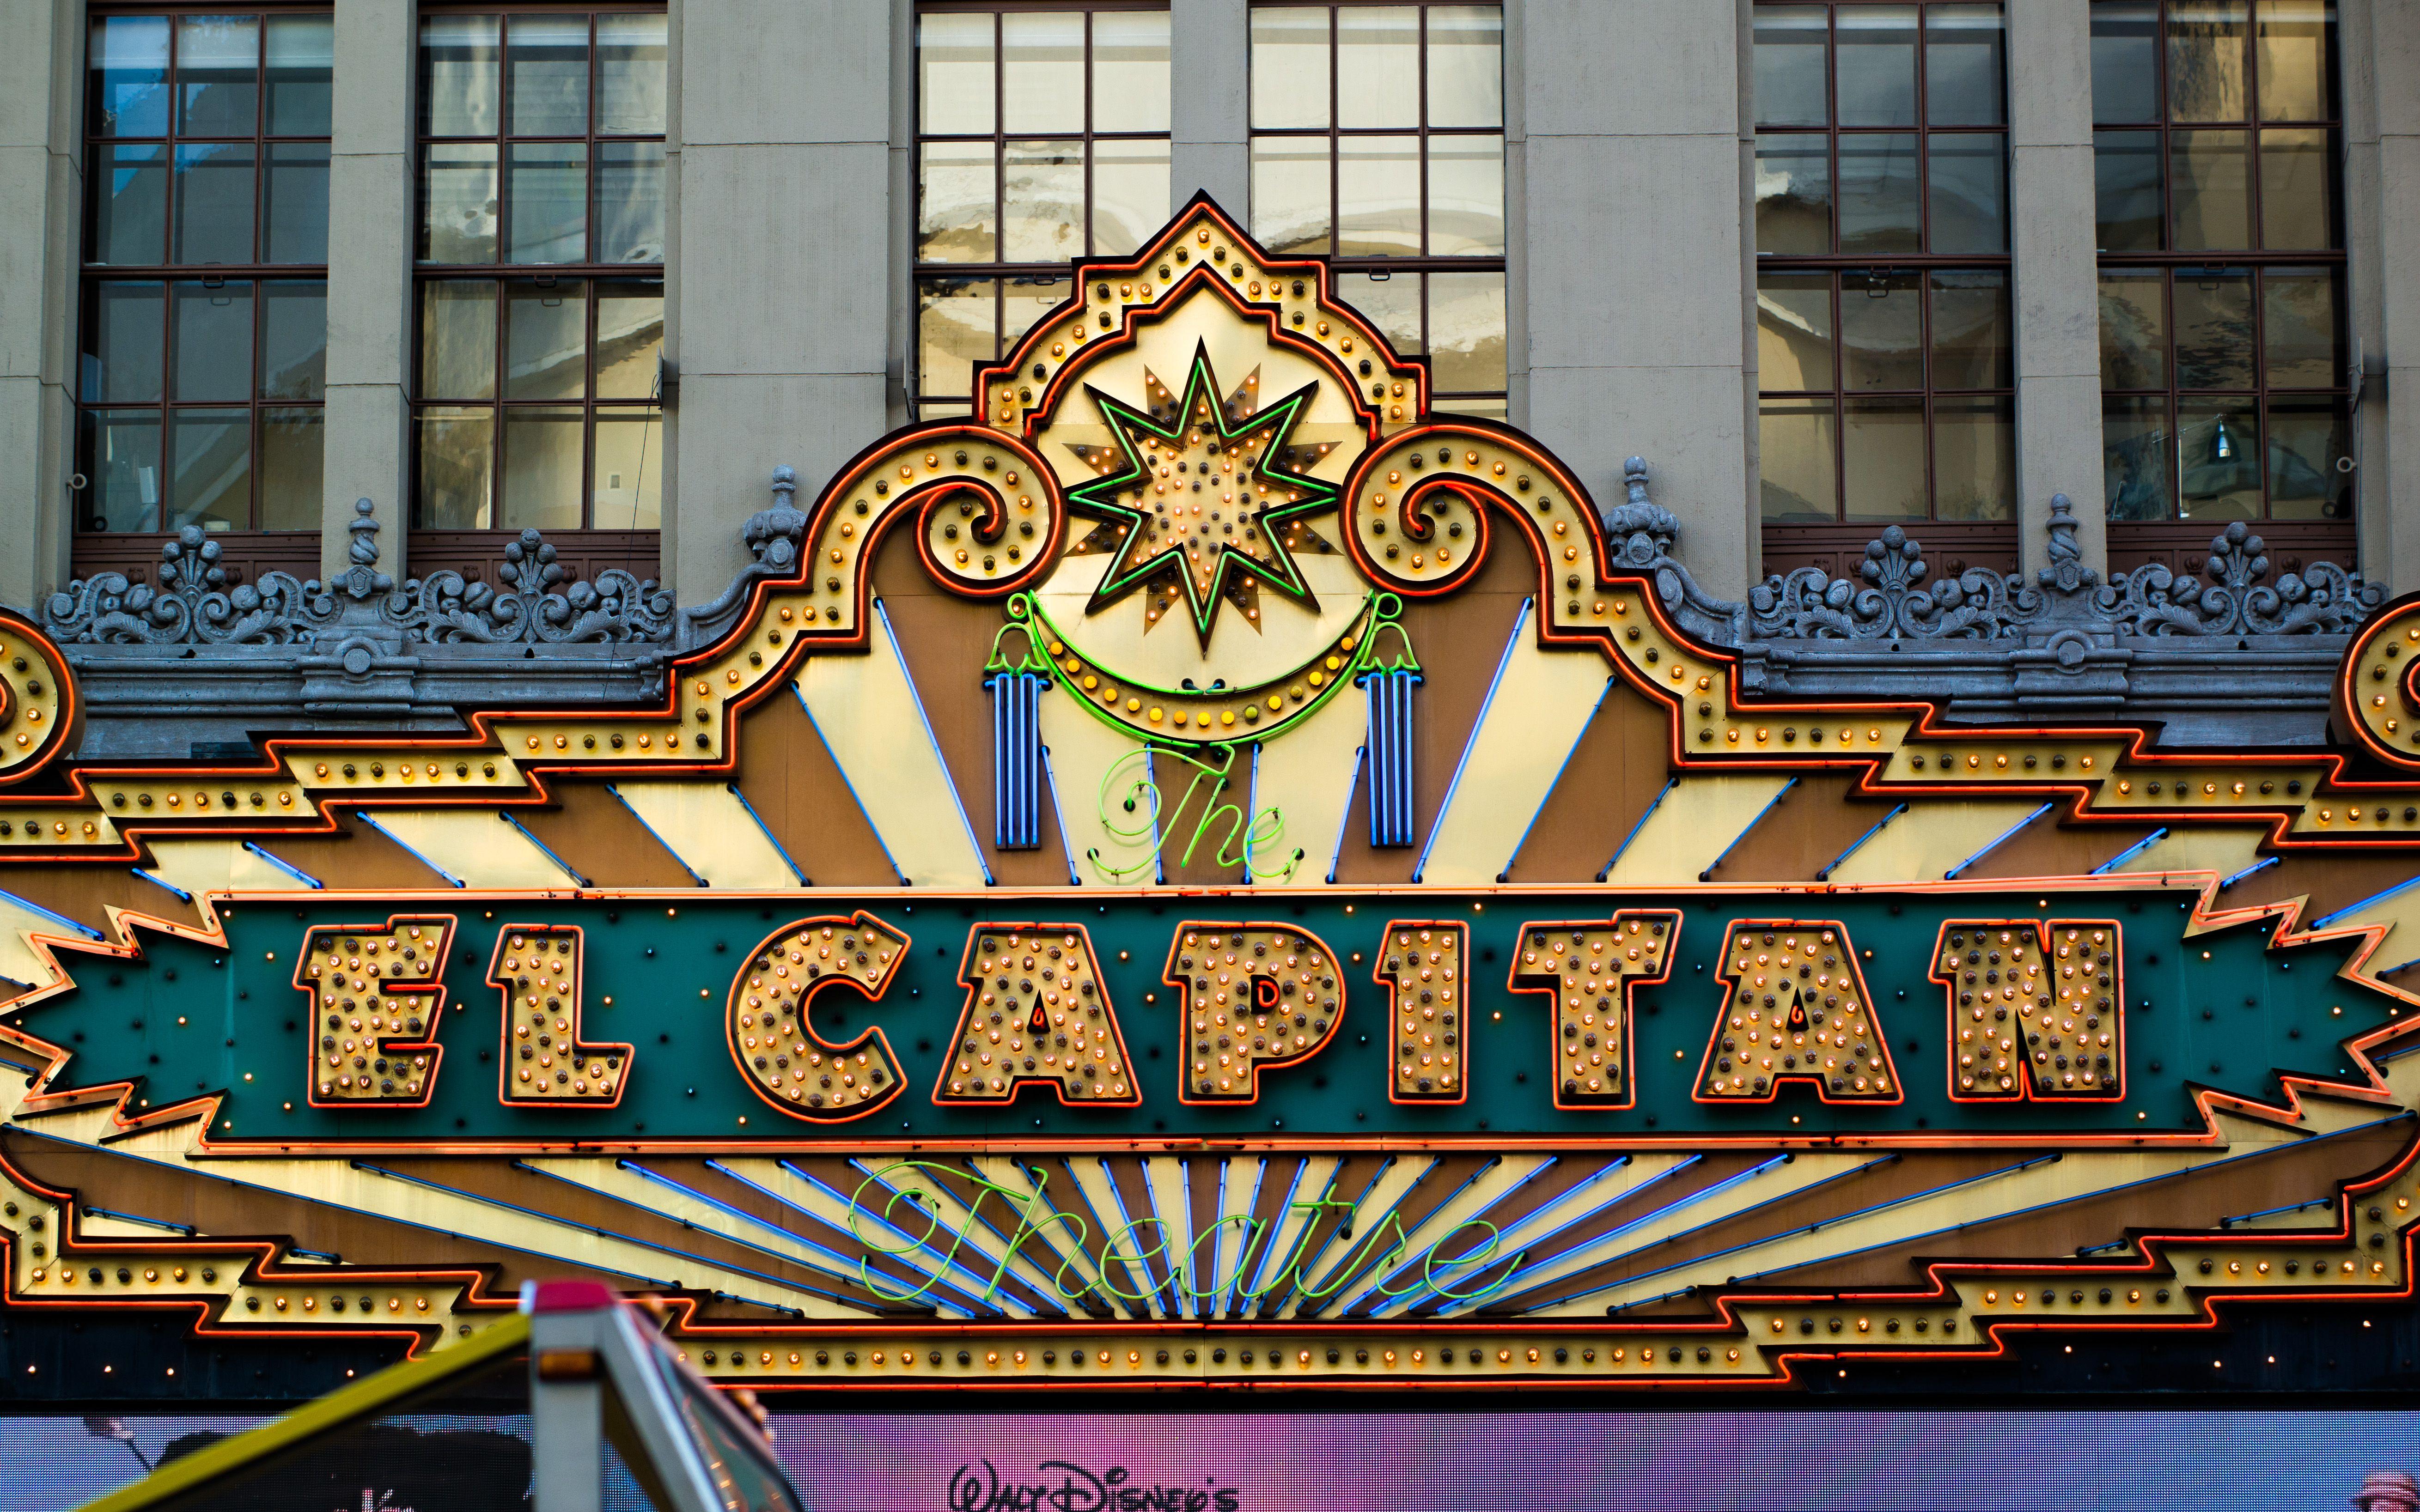 El Capitan Theatre marquee